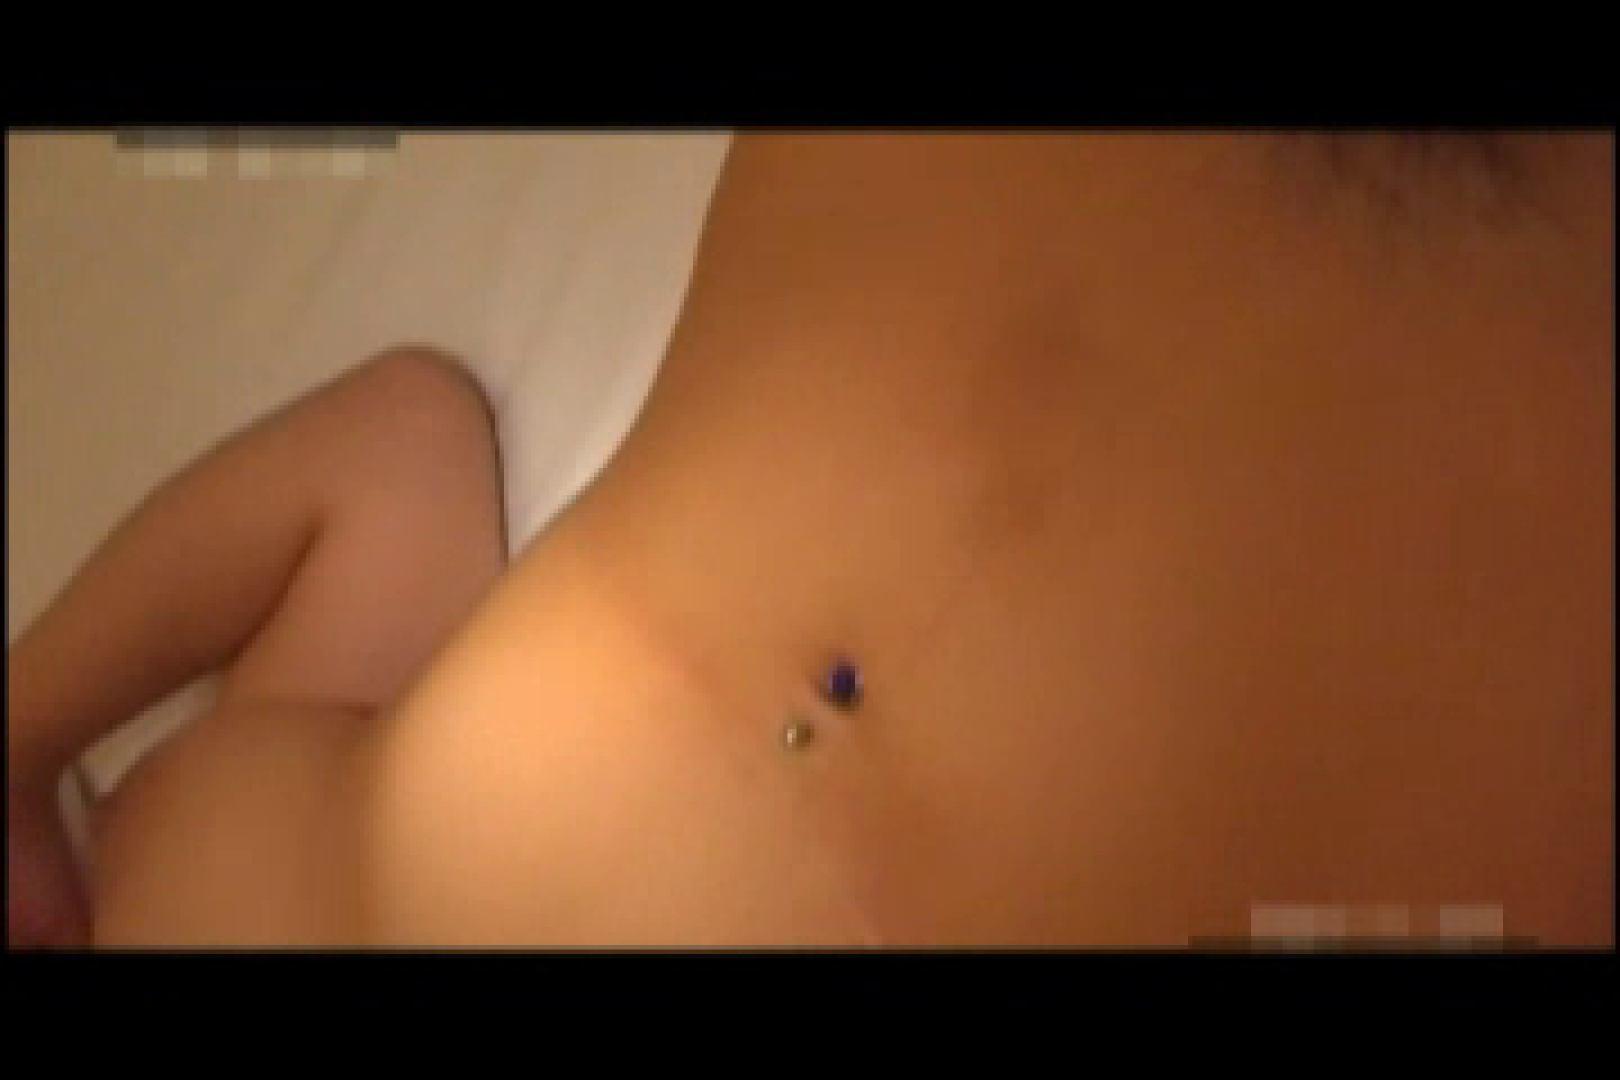 サイトで知り合った水商売の嬢 シャワー | ポチャ  88pic 87